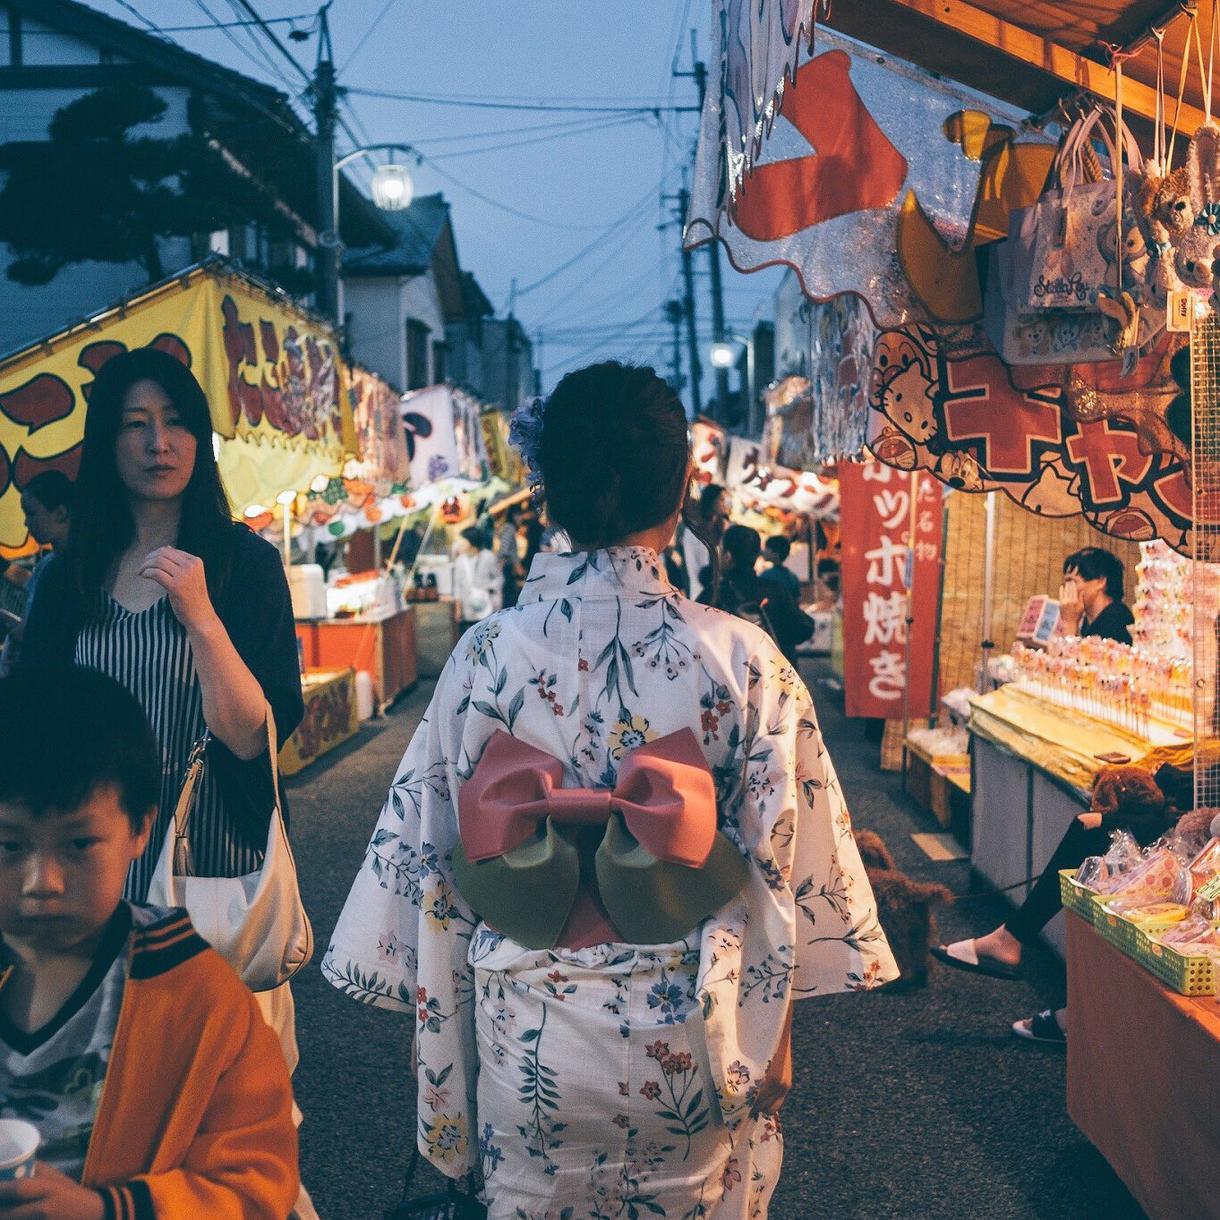 新潟で写真撮影します 新潟県新潟市の写真が必要な方へおすすめです。